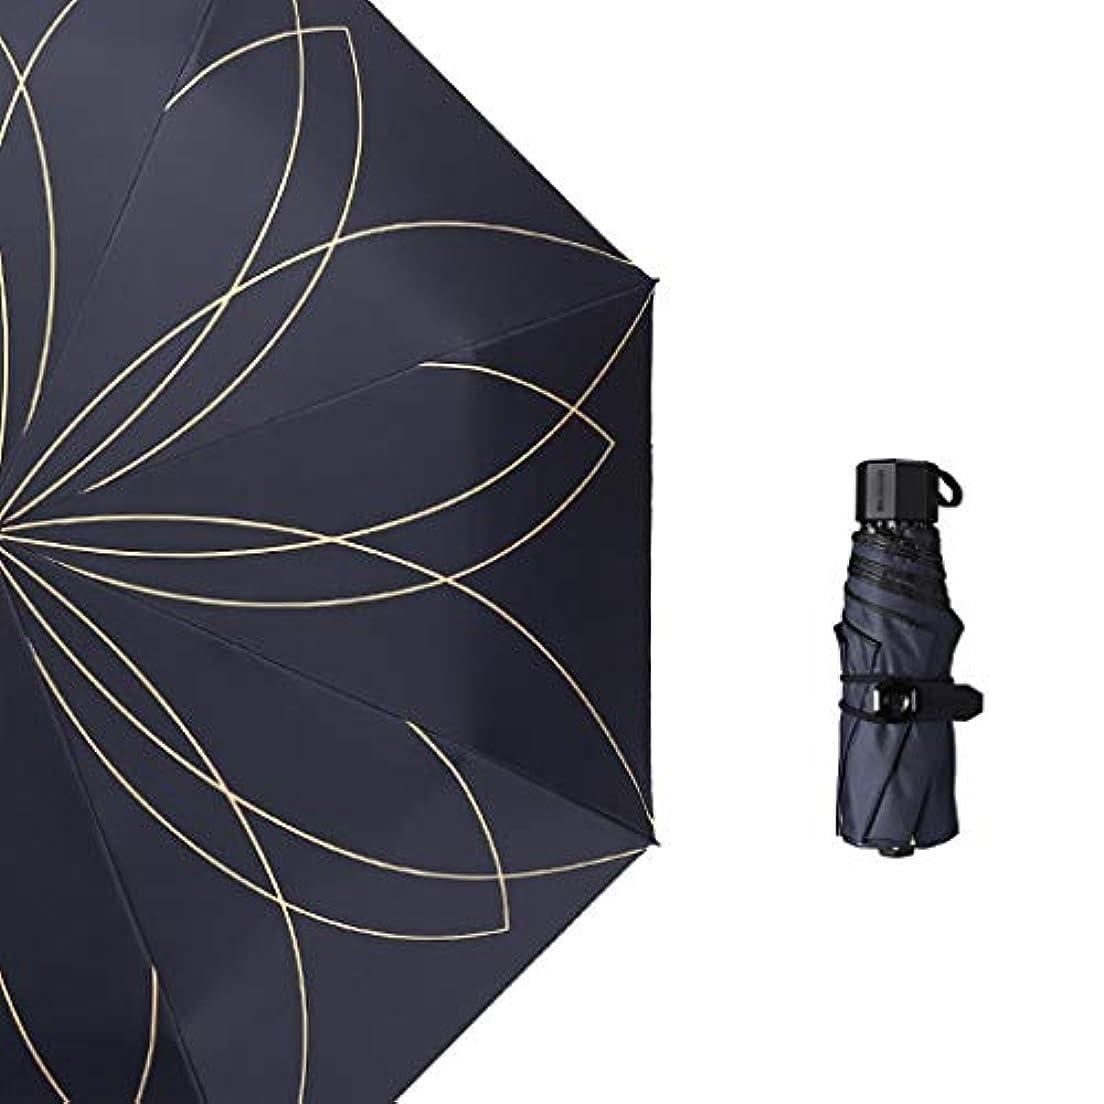 指令サイクロプス幸運なことに日傘日焼け止めUVウルトラライトスモール折りたたみ傘兼用日焼け止めミニ (色 : C)